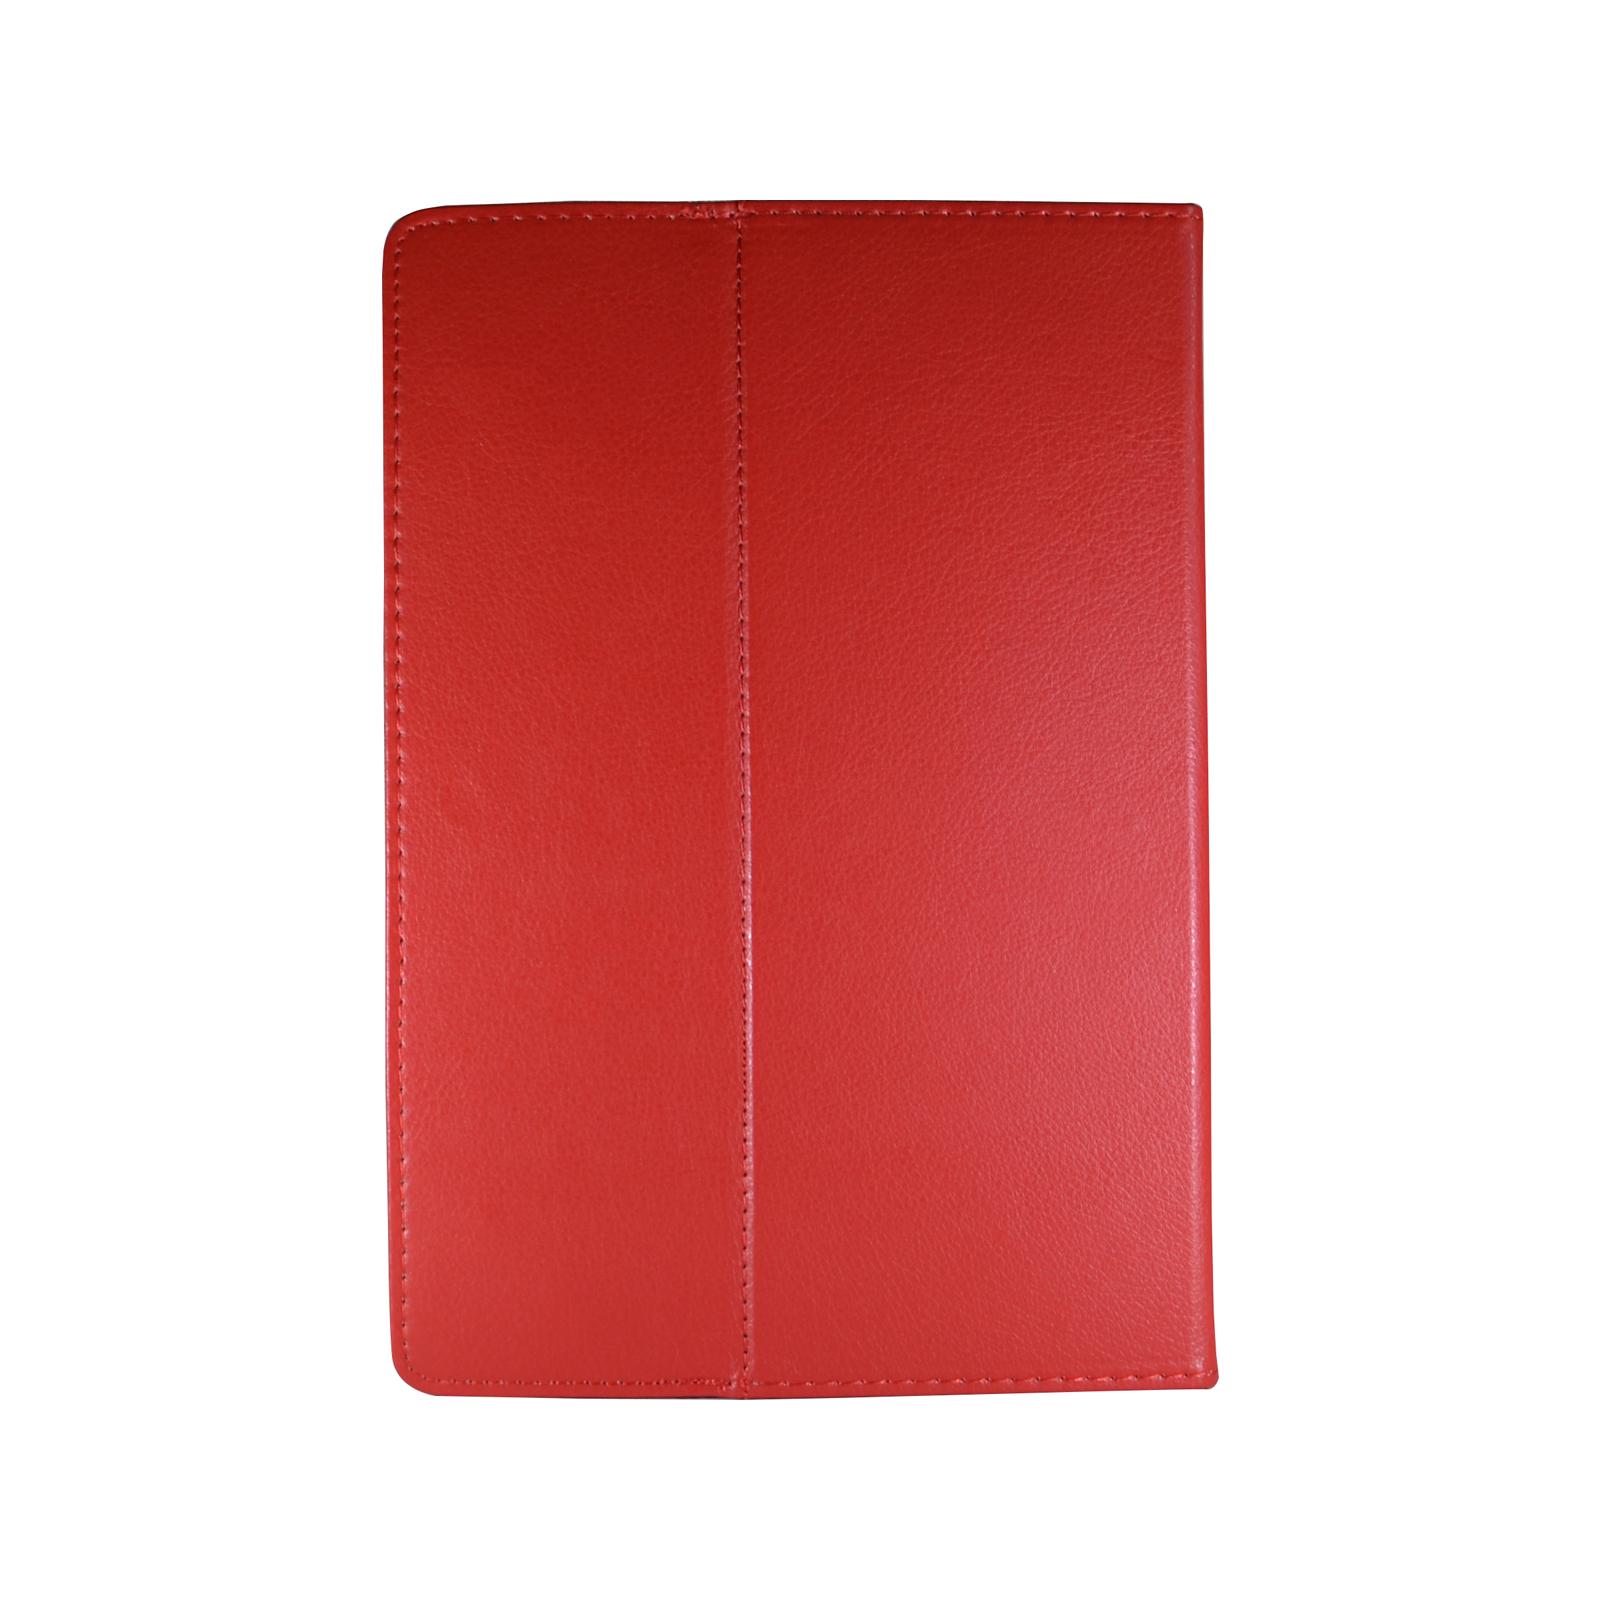 """Чехол для планшета Pro-case 10"""" универсальный case fits up red (UNS-022 r) изображение 2"""